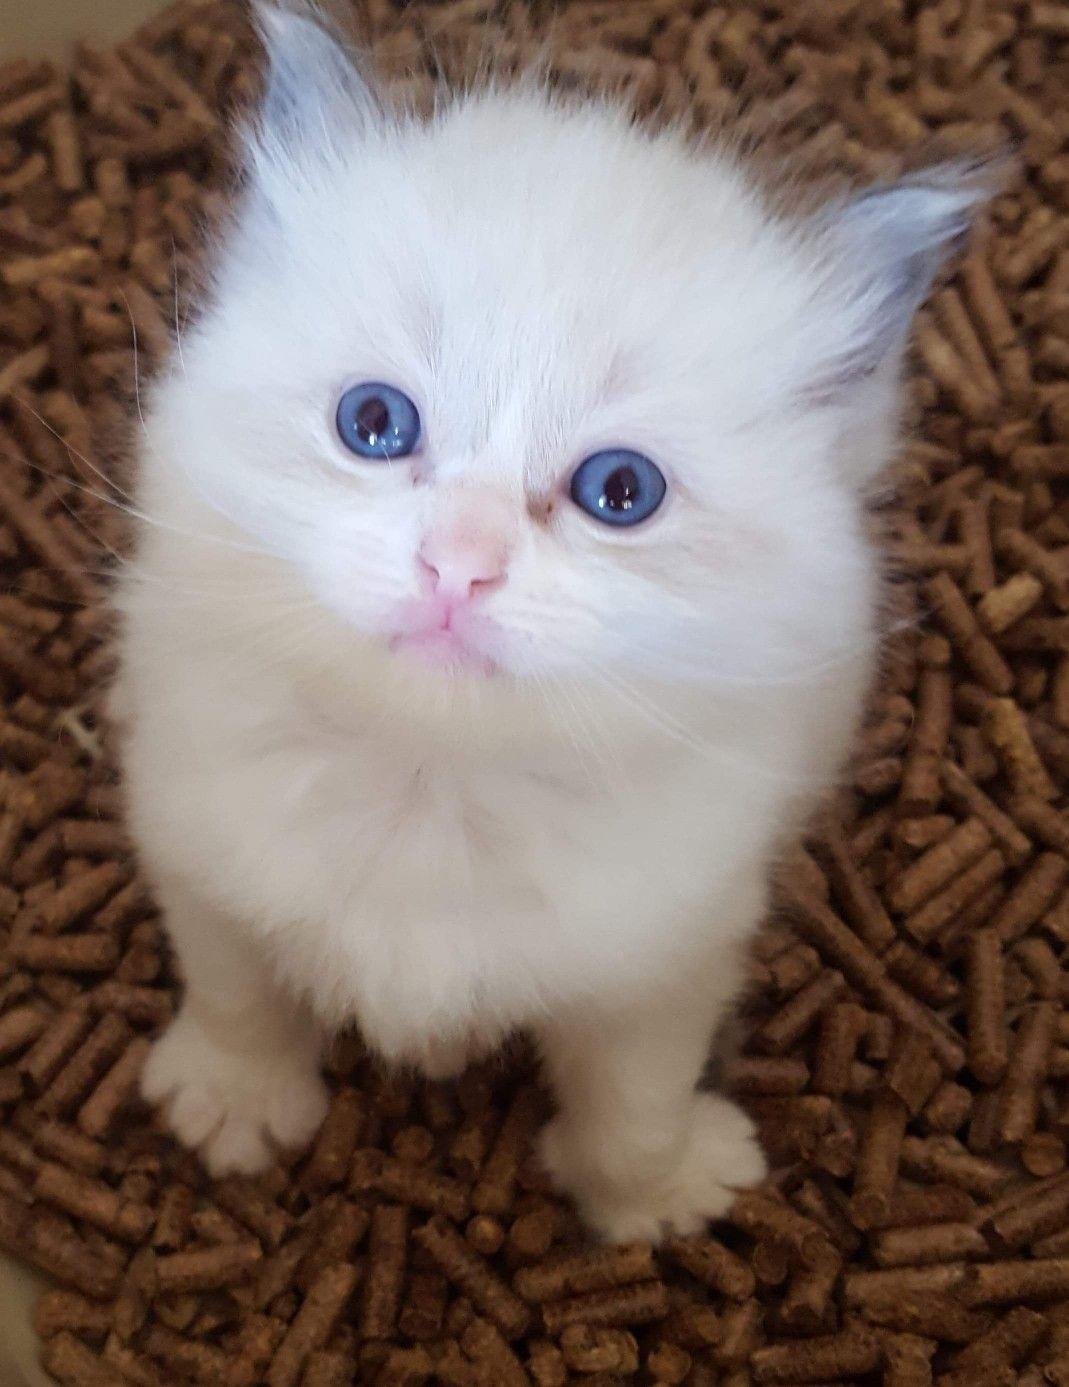 Pin By Matty Budesa On Ragdoll Cats And Kittens Cute Cats Cute Cats And Kittens Puppies And Kitties